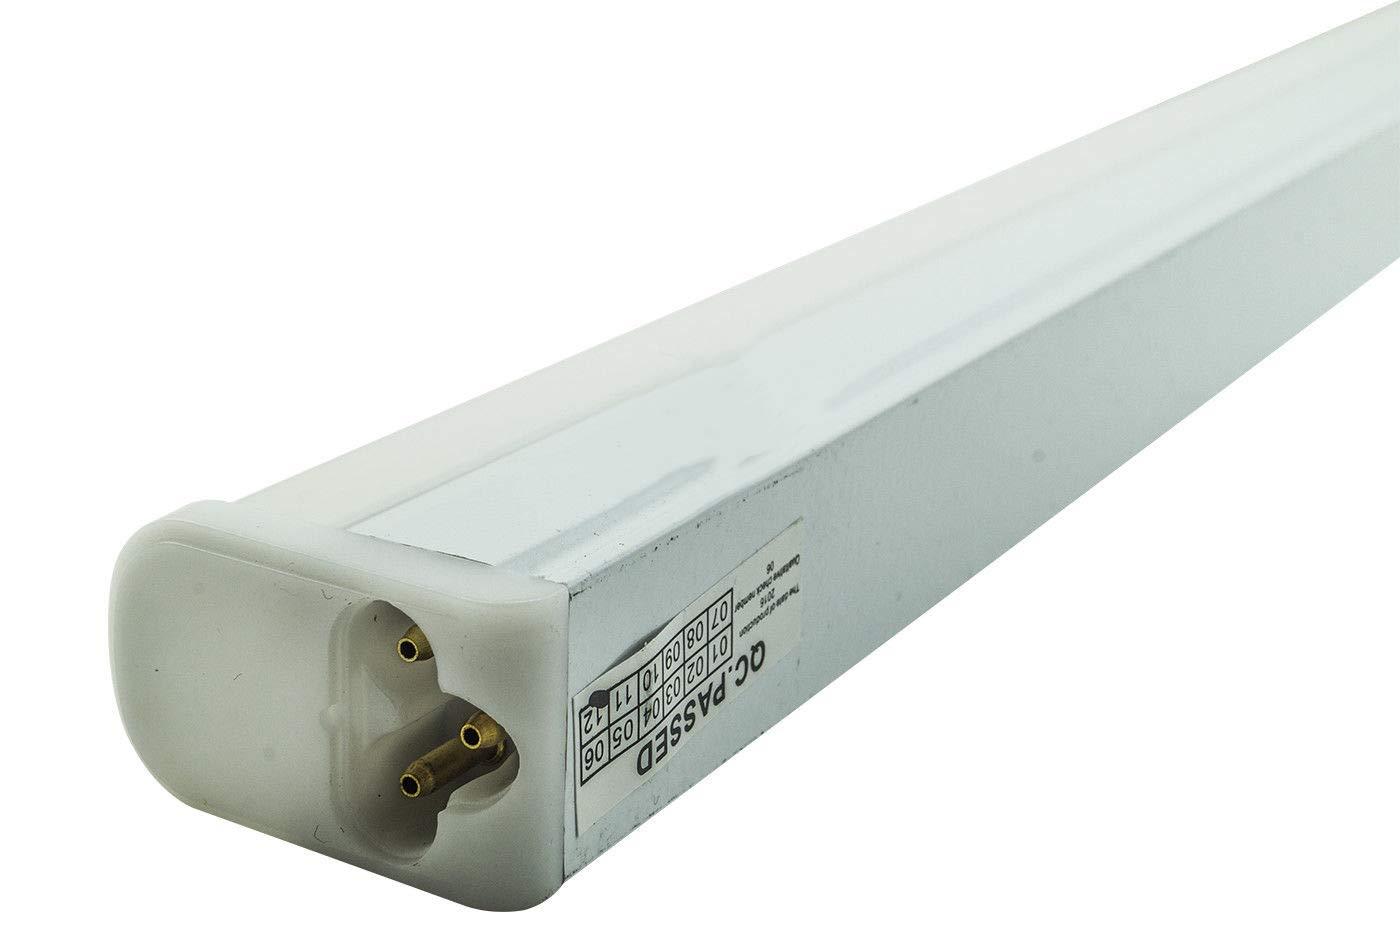 Plafoniera Led Luce Fredda : Bes 20817 neon led plafoniera 15w 90 cm luce fredda t5 ip20